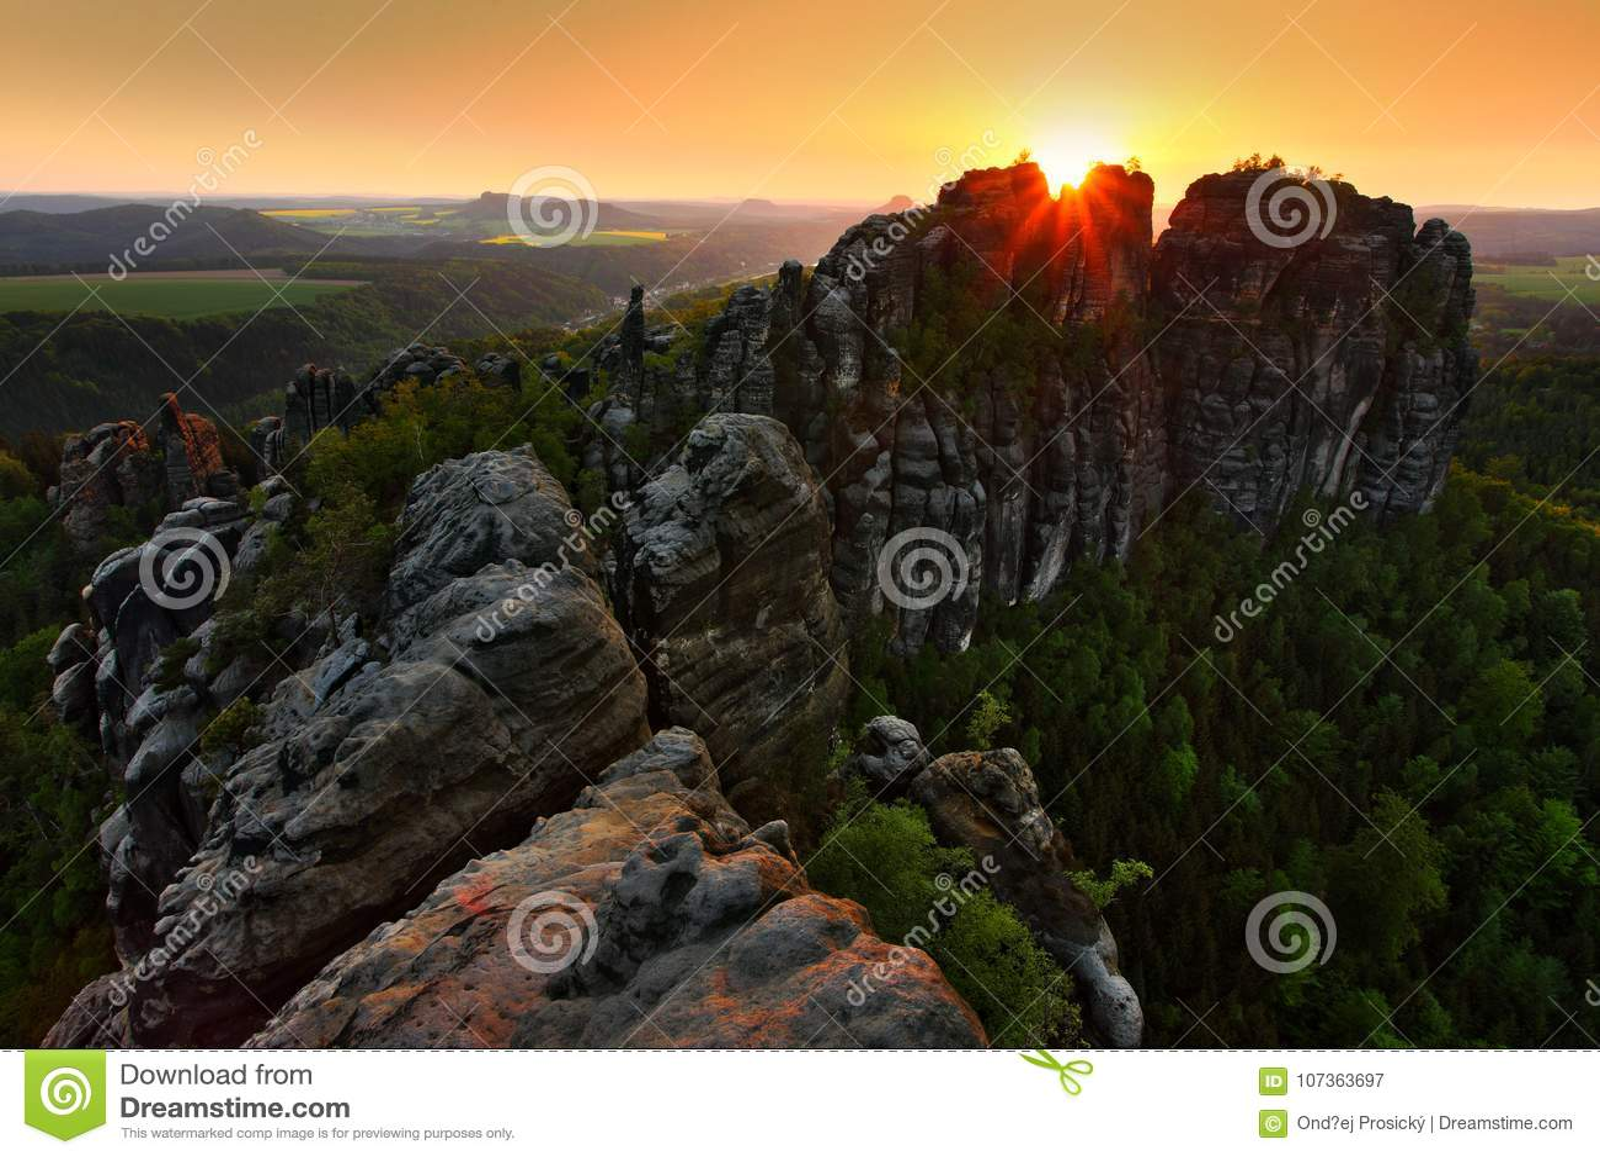 Schrammsteine, schöne Abendansicht über Sandsteinklippe in tiefes nebelhaftes Tal in Sachsen die Schweiz, nebeliger Hintergrund,